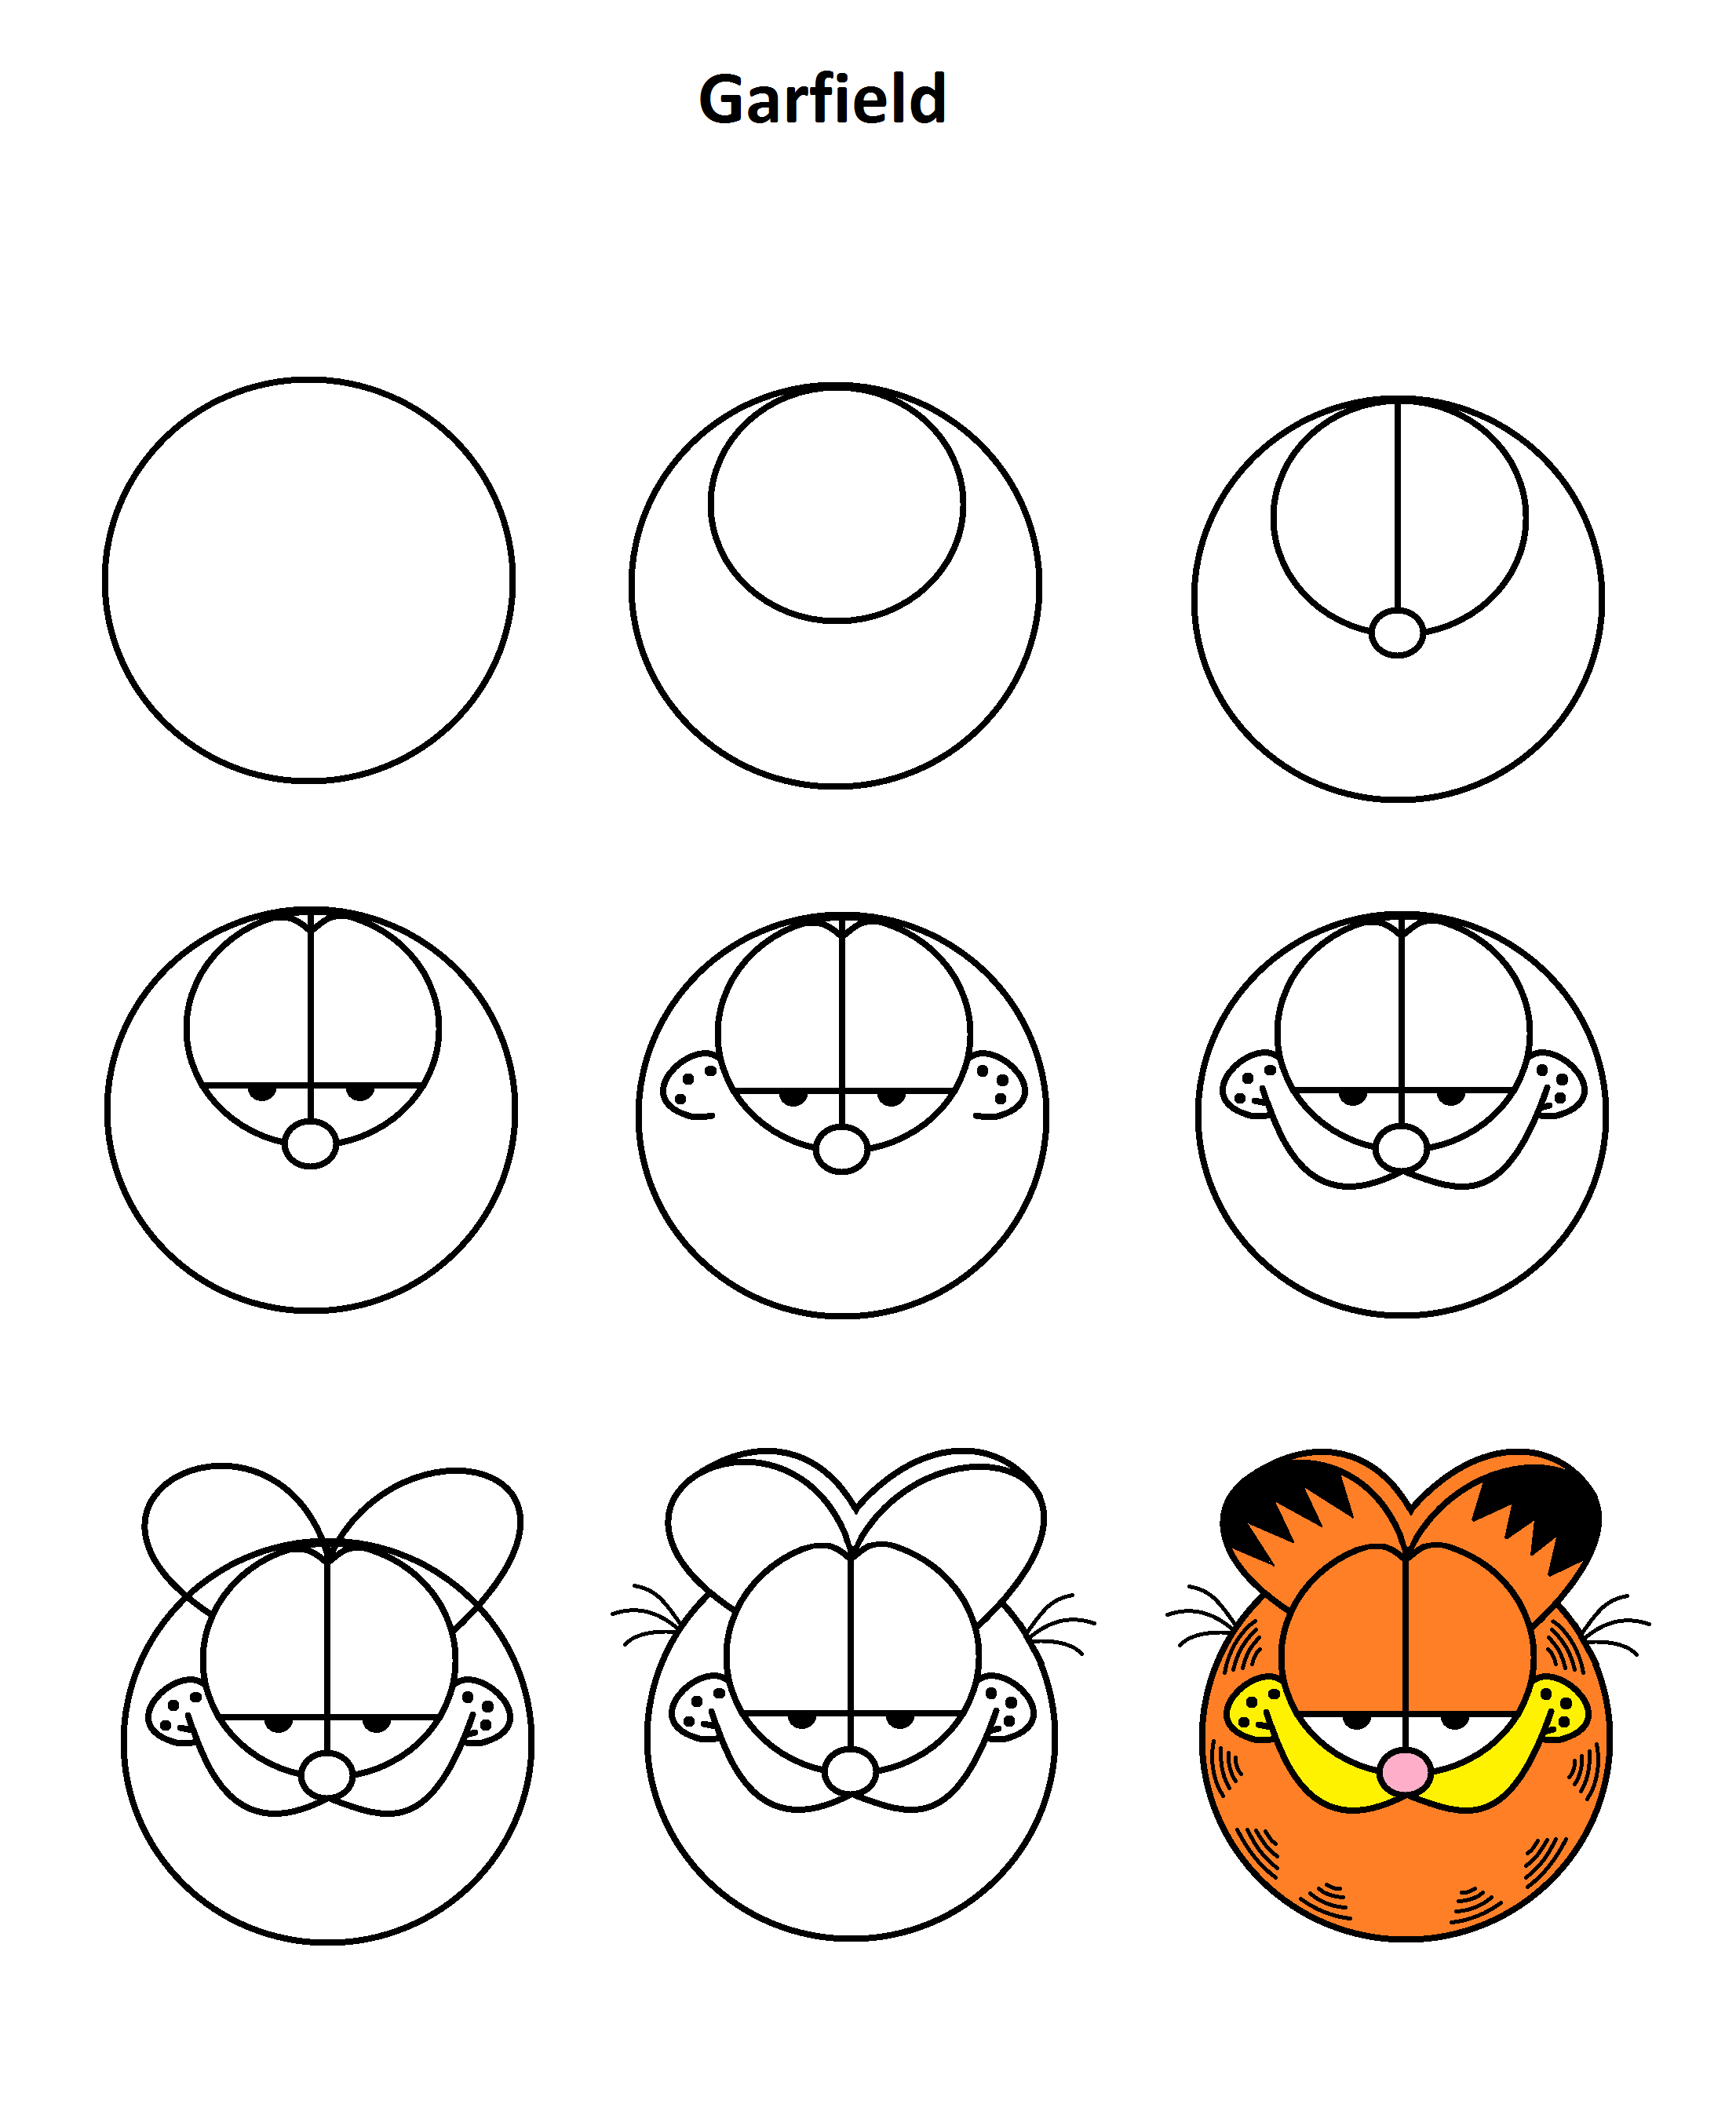 Garfield Step By Step Tutorial Drawing Tutorial Cute Easy Drawings Cartoon Drawings